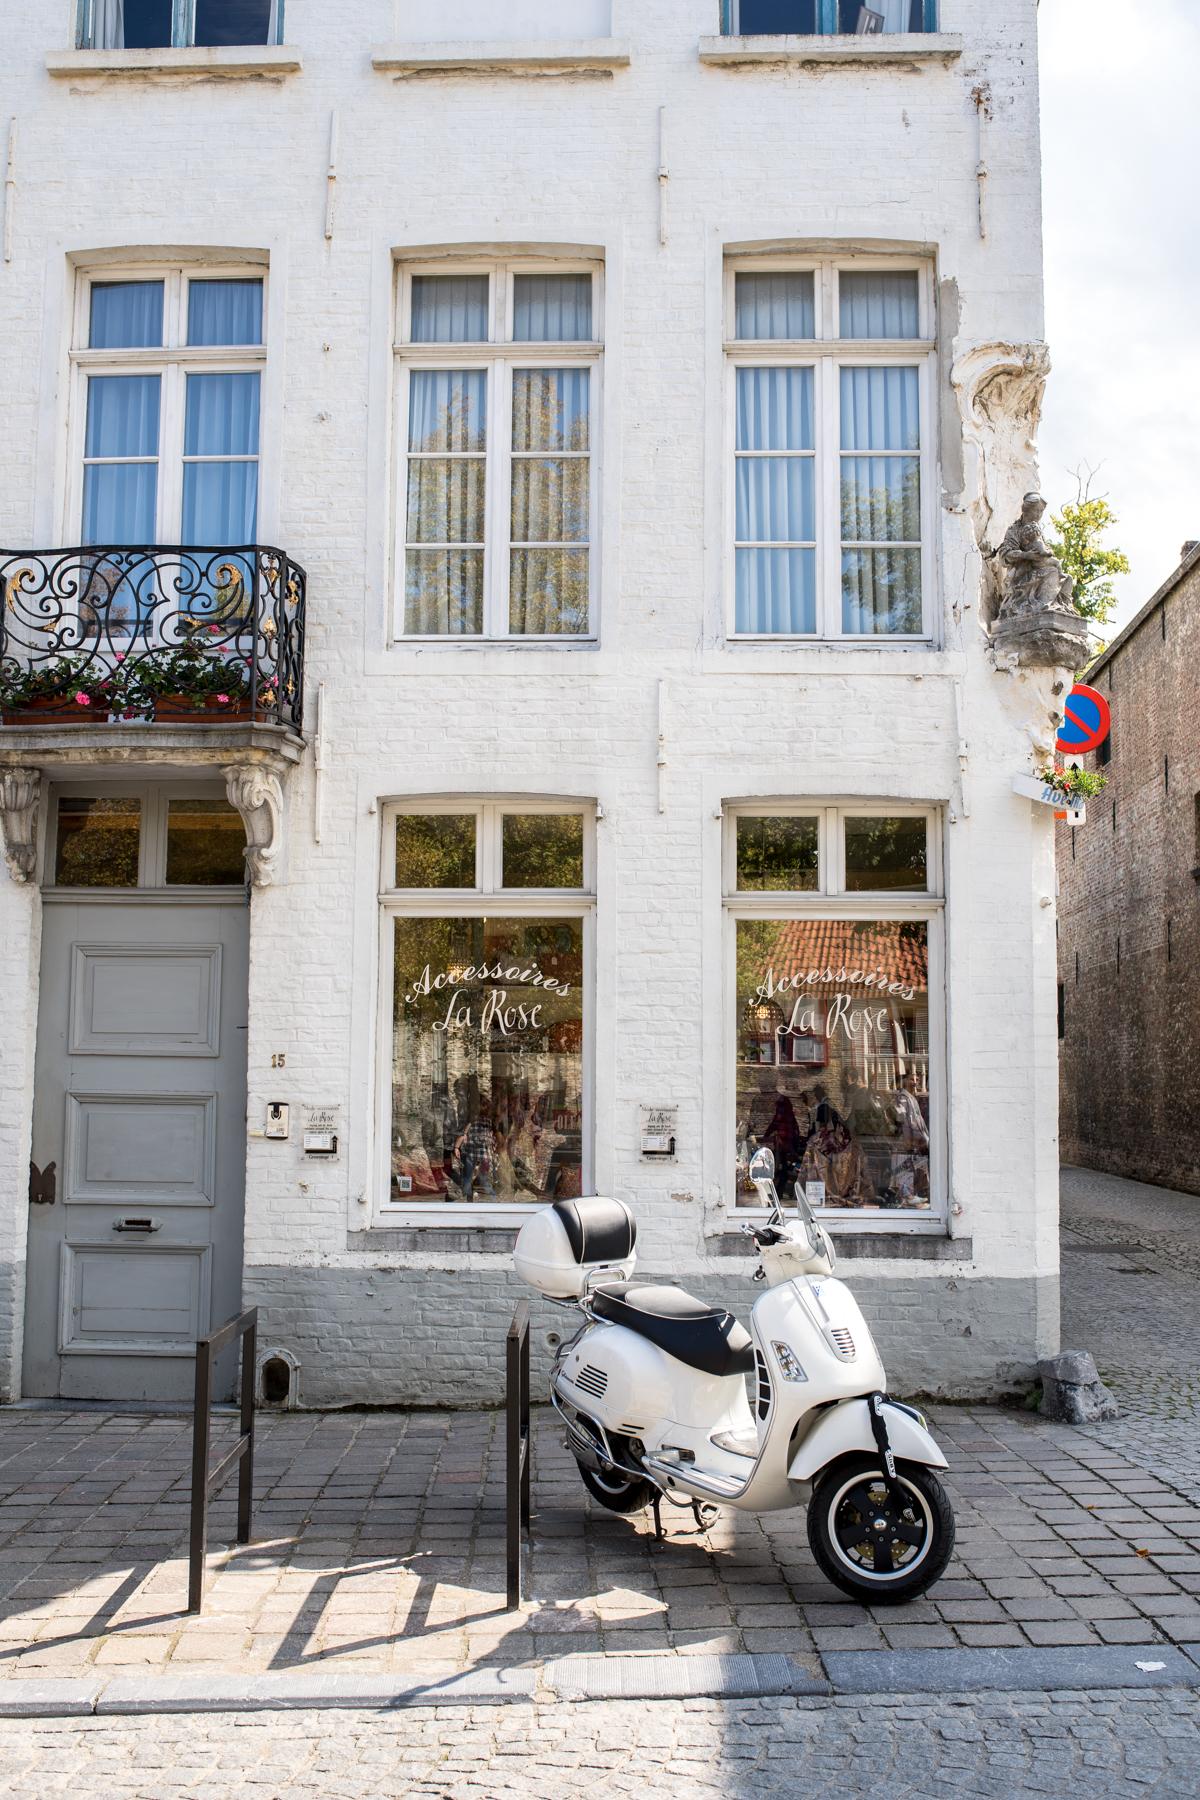 Stacie Flinner Brugge City Guide-18.jpg